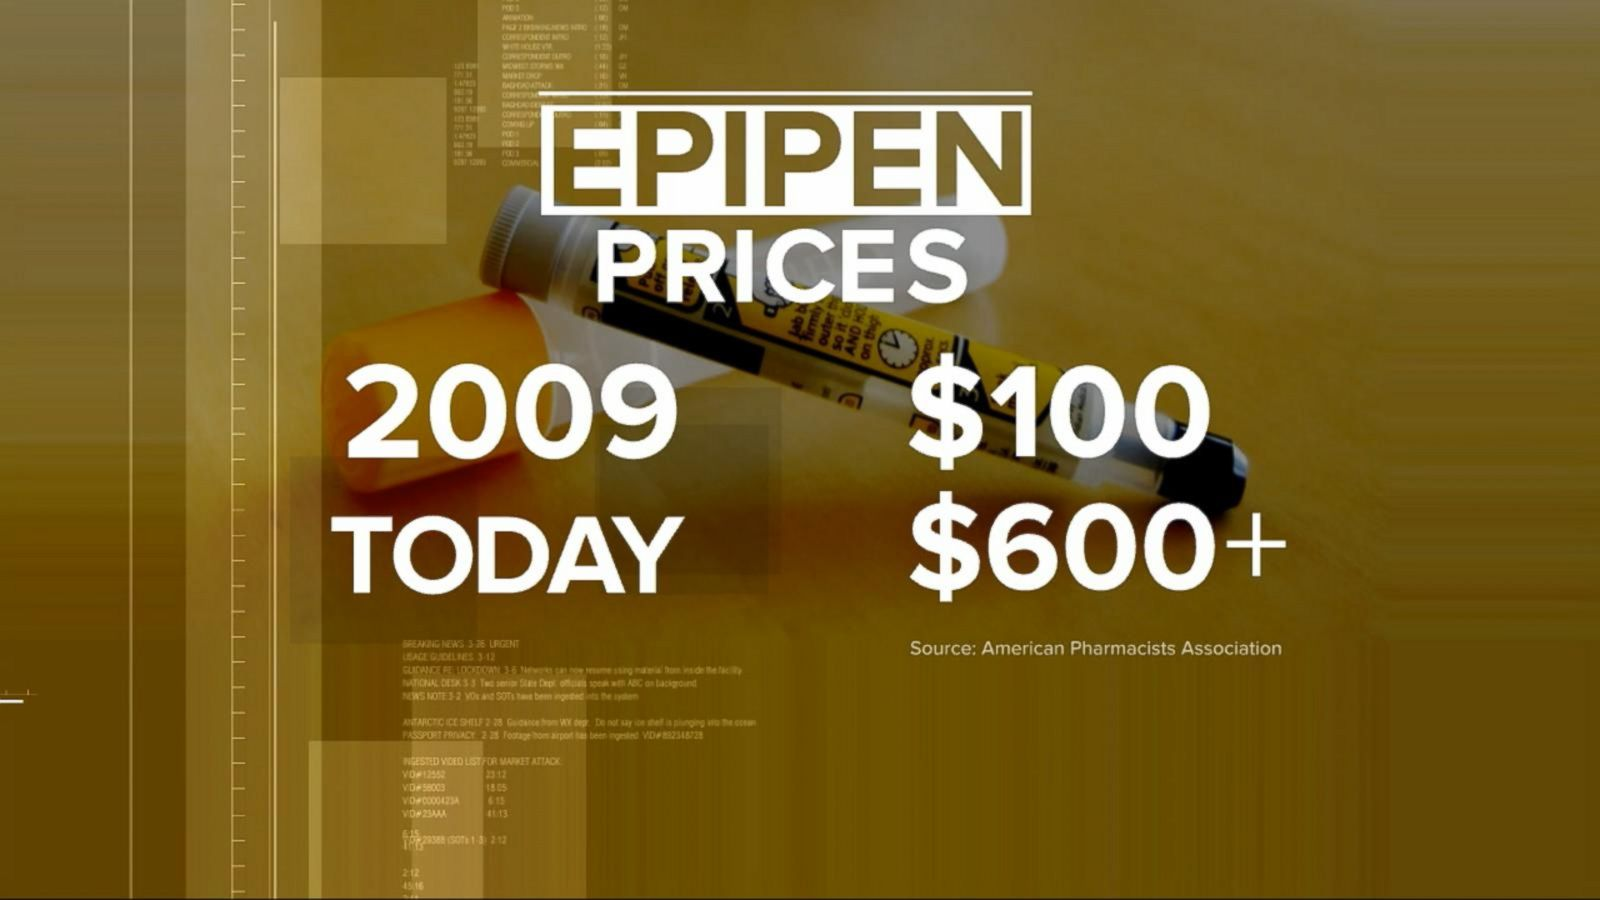 Senate Calls For Epipen Maker To Explain Price Hike Abc News